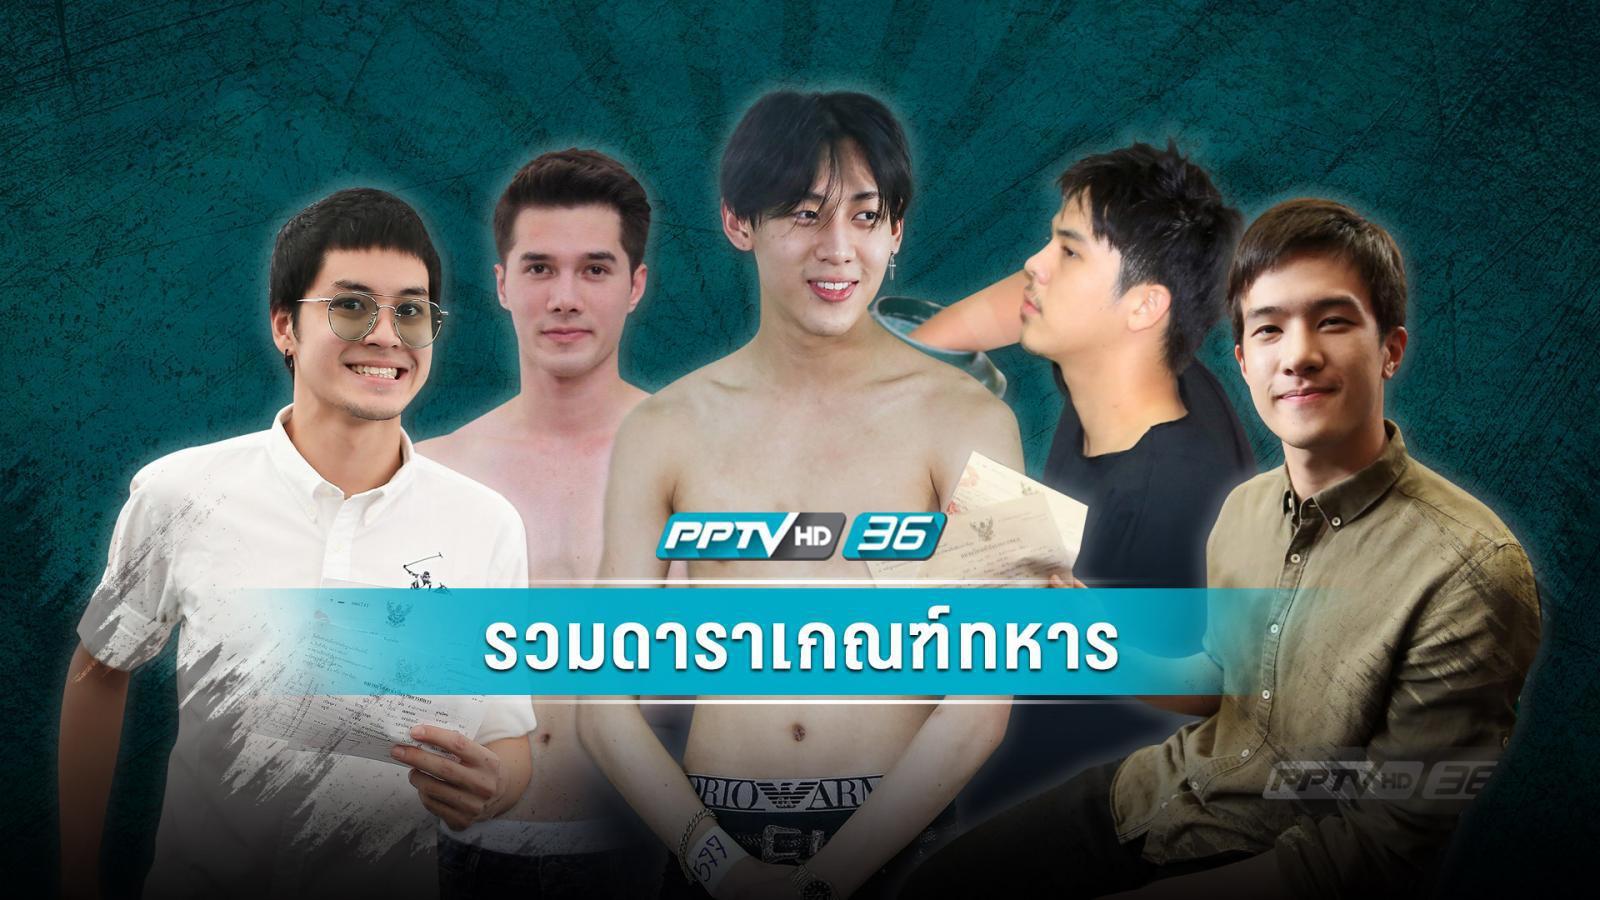 หน้าที่ชายไทย รวมดาราเกณฑ์ทหารปี 2561